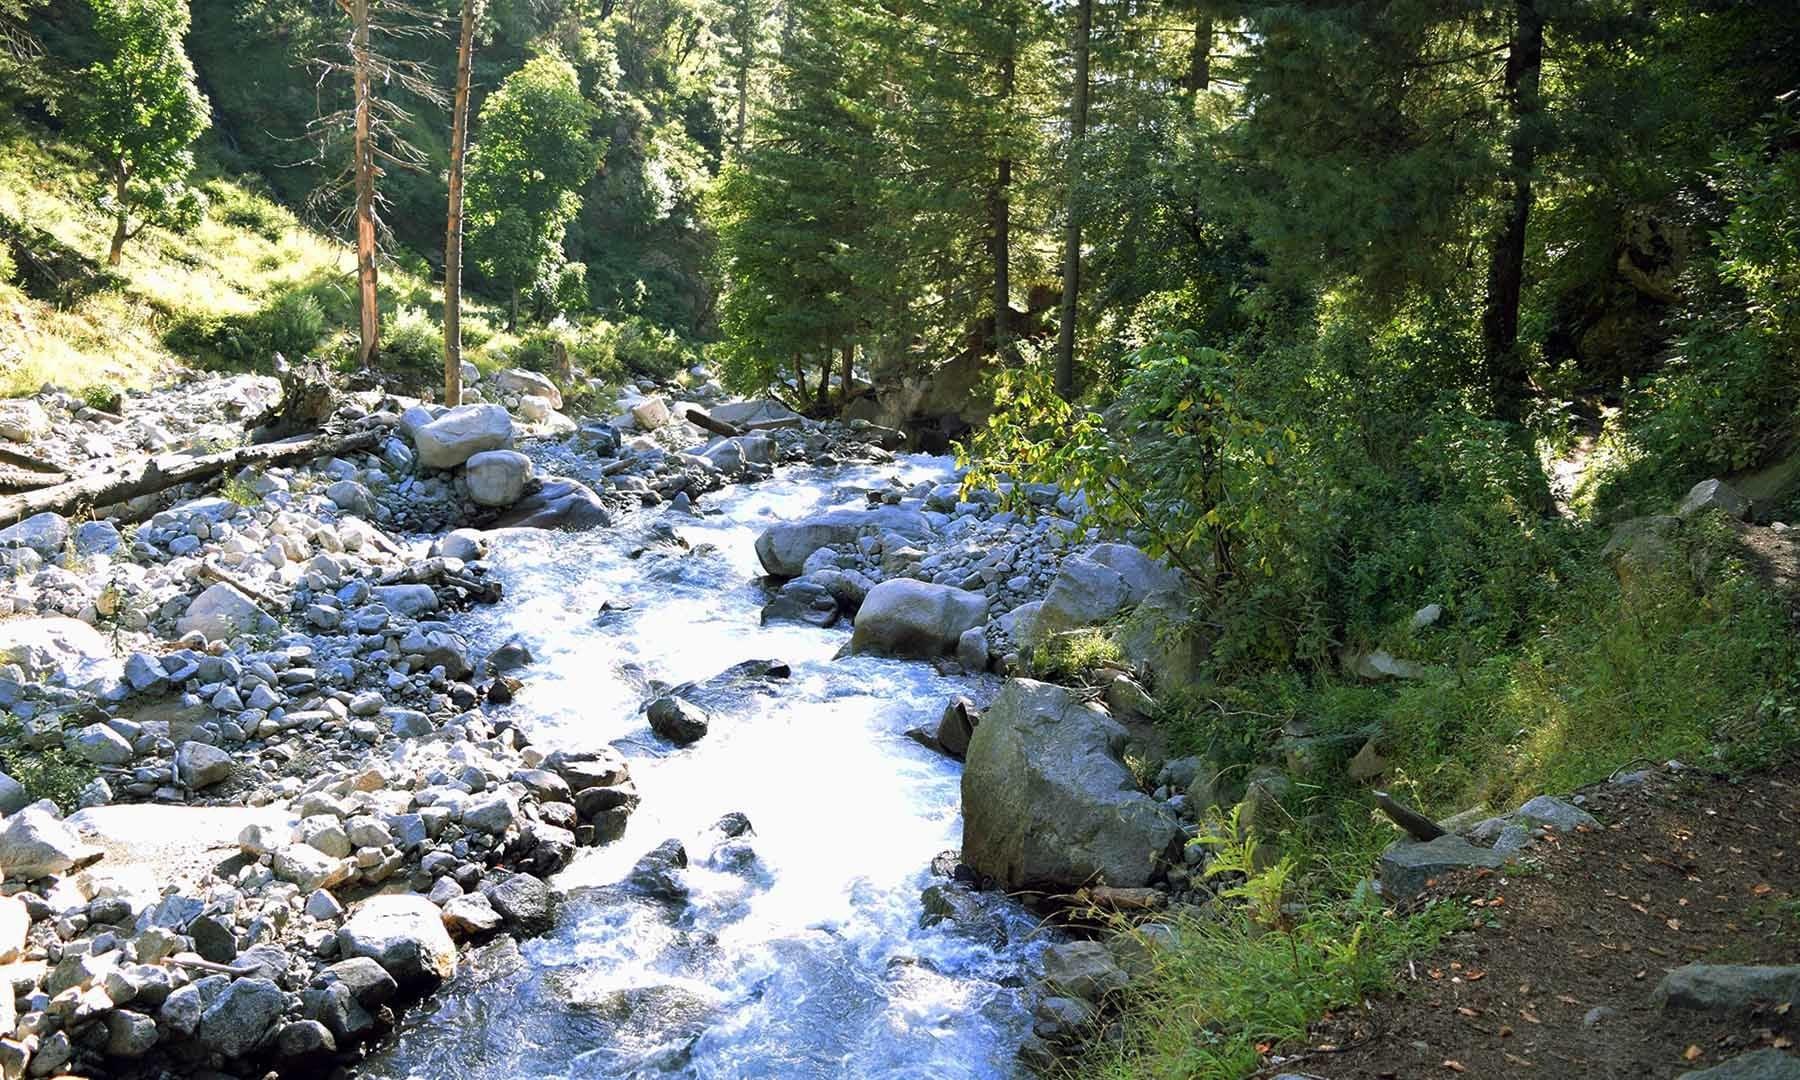 شیطان گوٹ جھیل کا پانی جو آگے چل کر کیدام خوڑ کی شکل اختیار کر لیتا ہے — امجد علی سحاب